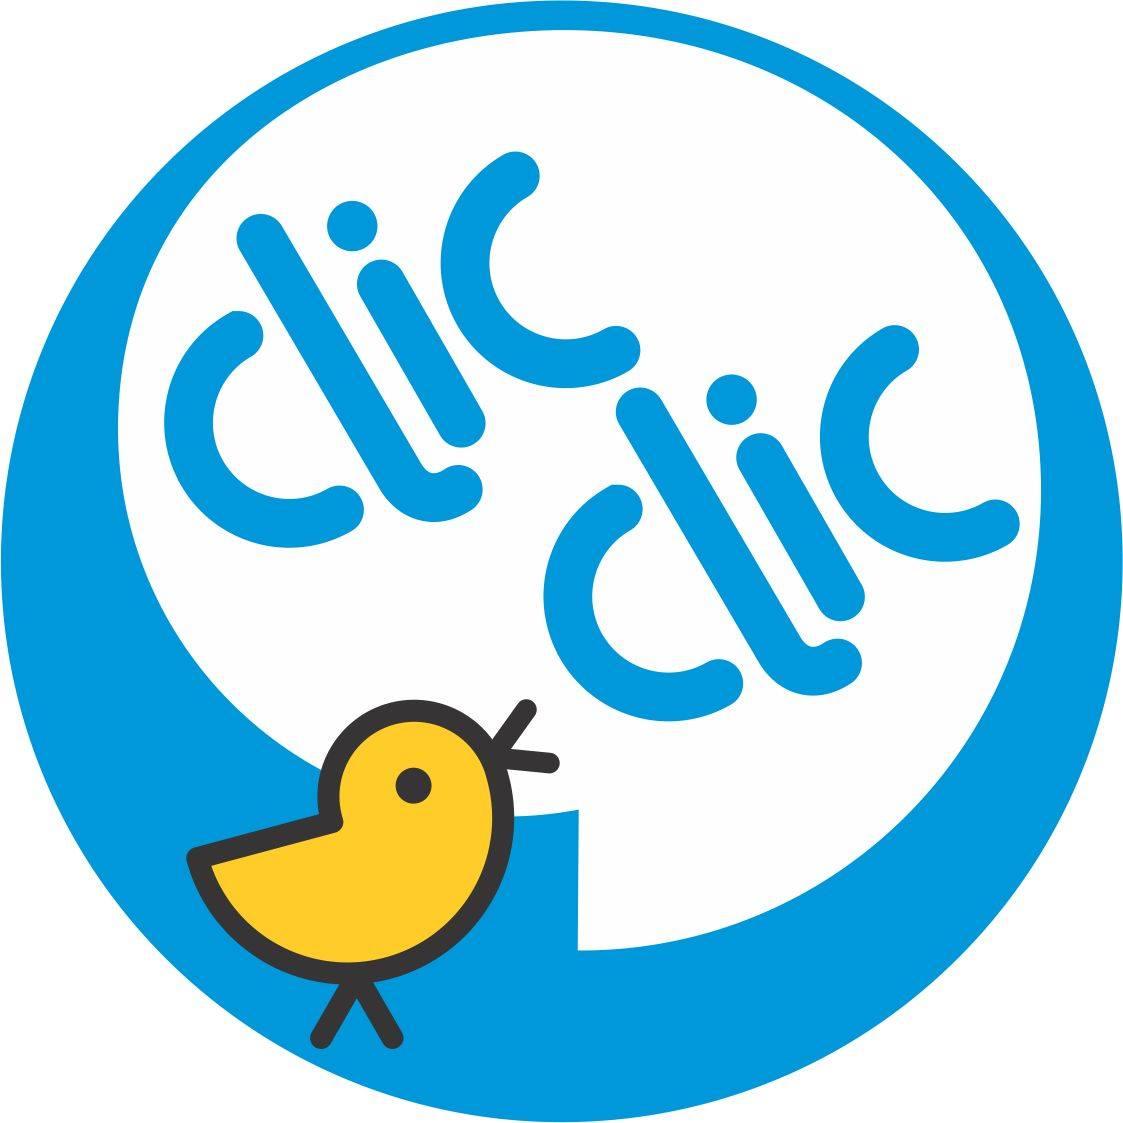 Adesivos Clic Clic